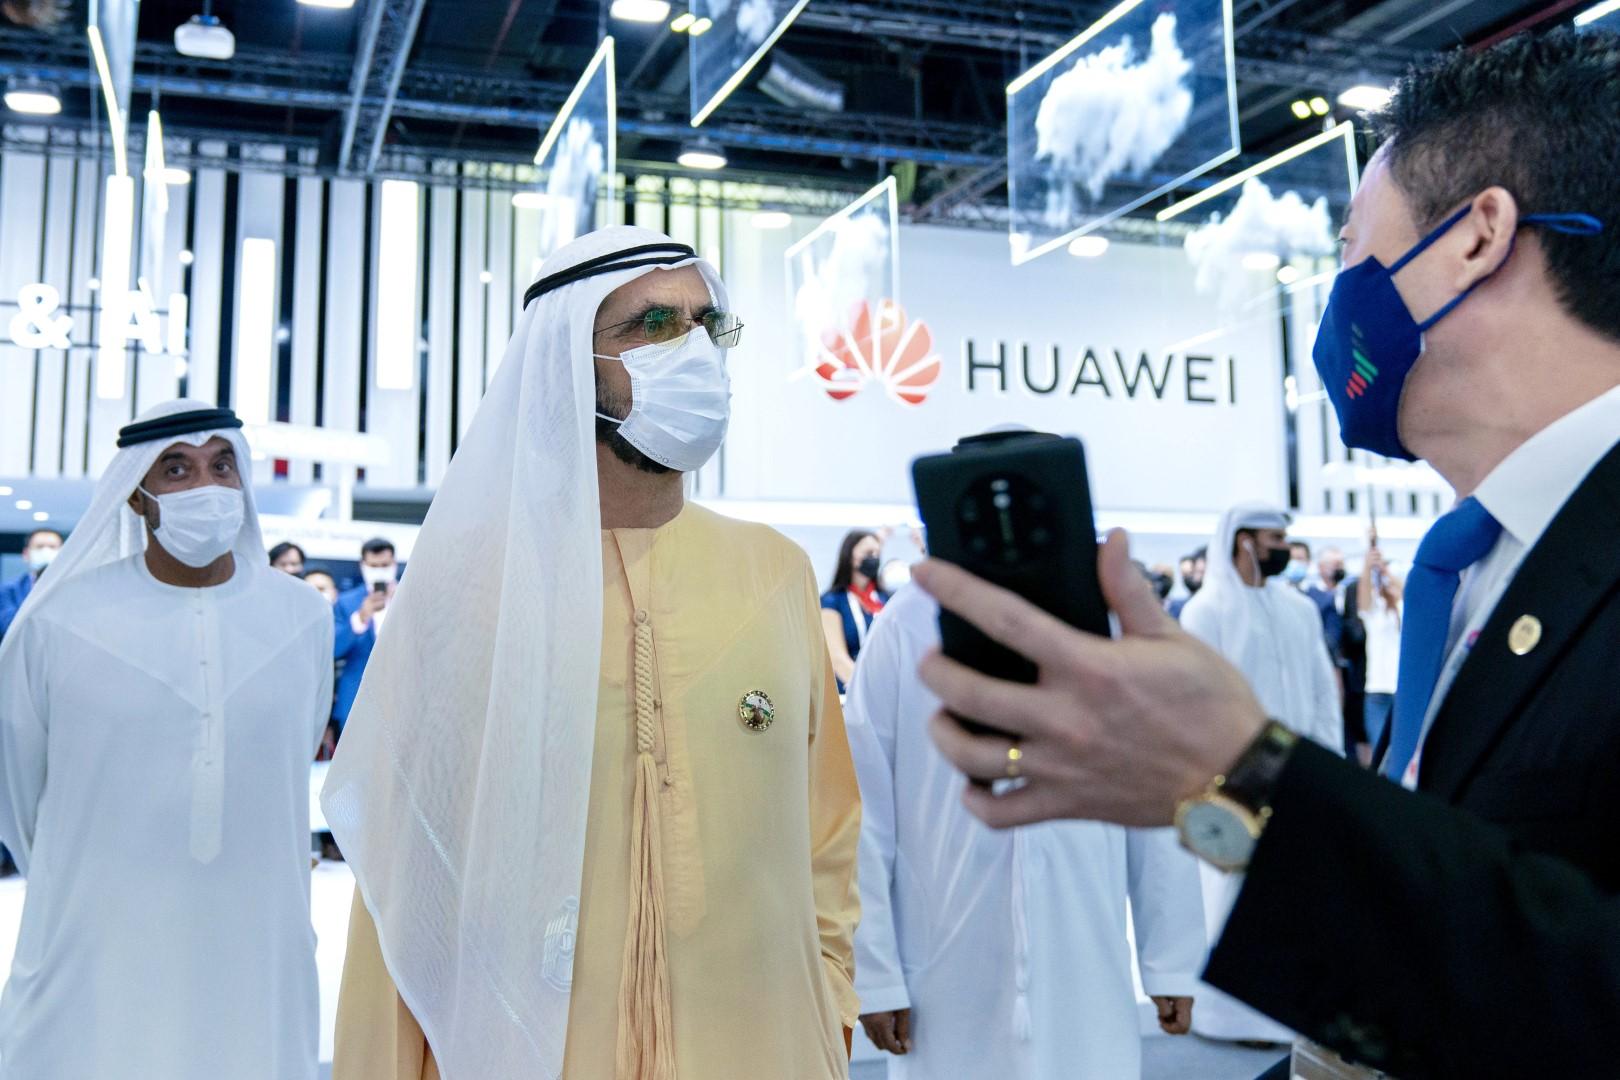 """خلال زيارة سموه لمعرض جيتكس 2020 : محمد بن راشد: """"التكنولوجيا ركيزة أساسية في تجاوز التحديات إلى فرص المستقبل الواعد"""""""